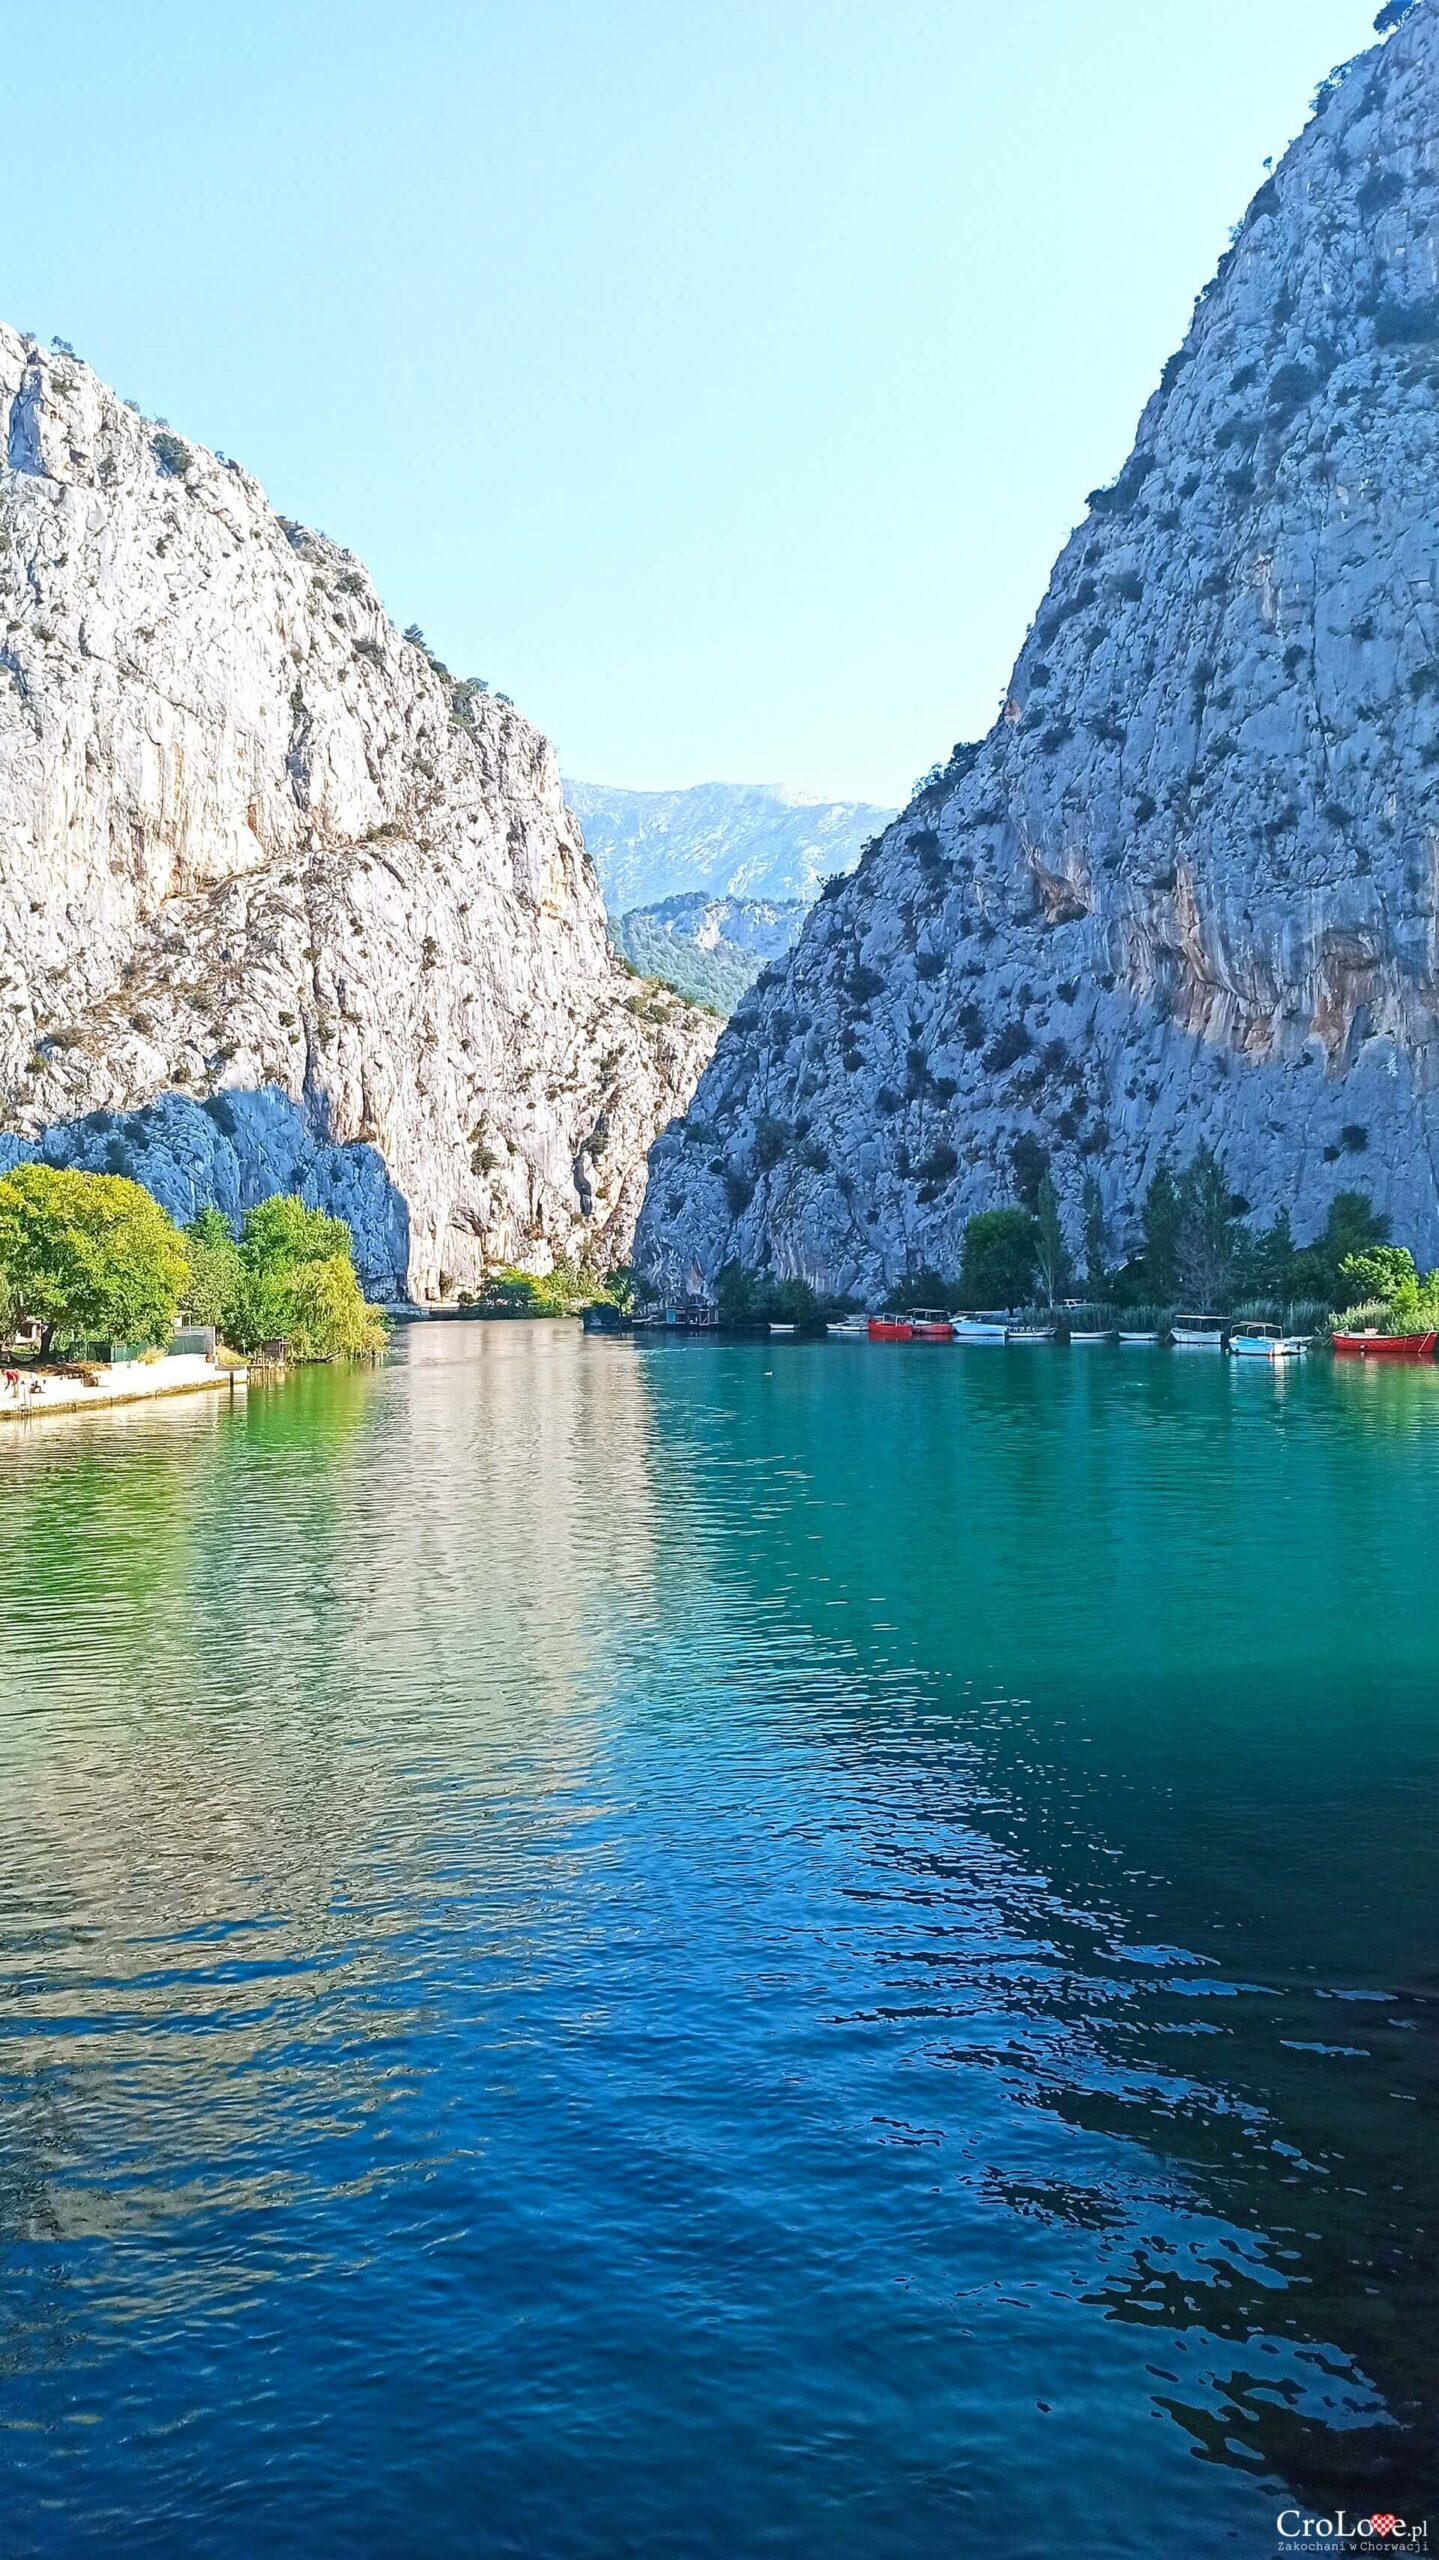 Rowerem po Omišu i okolicy, Chorwacja